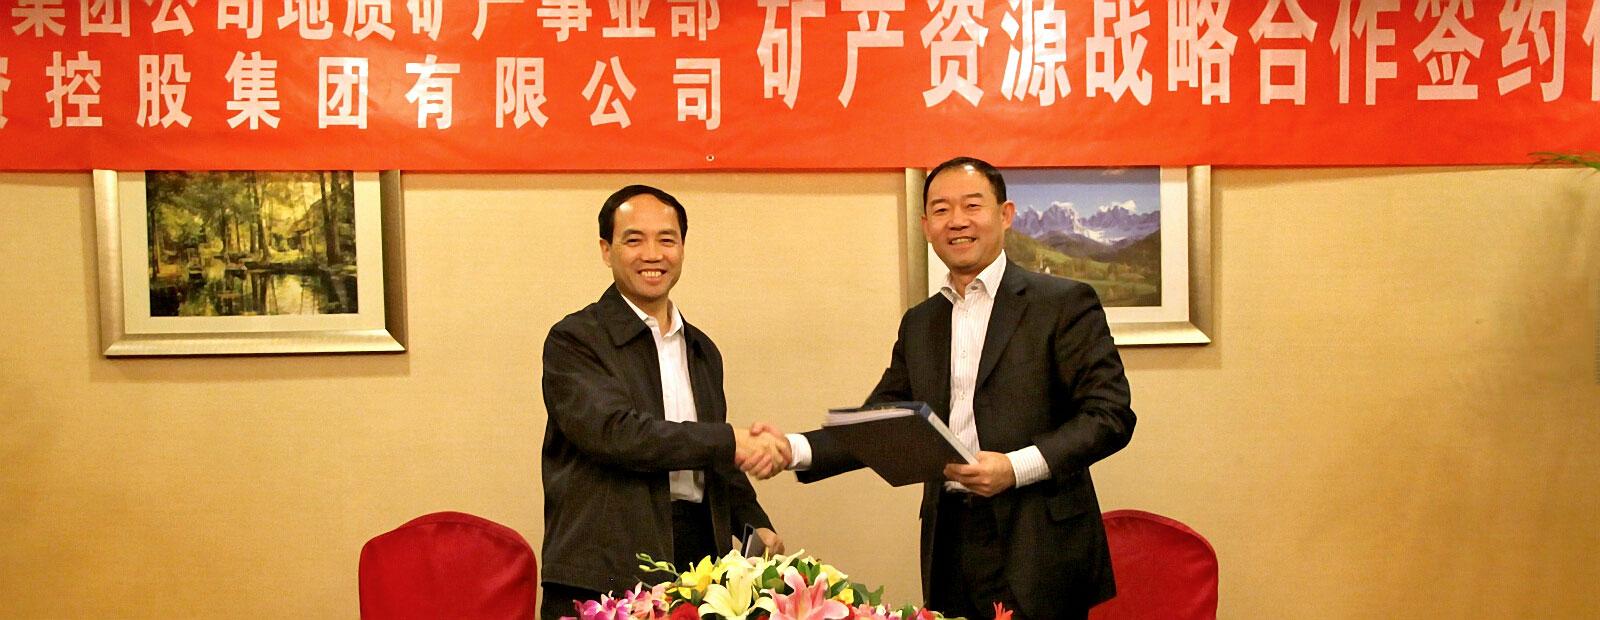 集团总公司与中核集团签署矿产资源战略合作协议